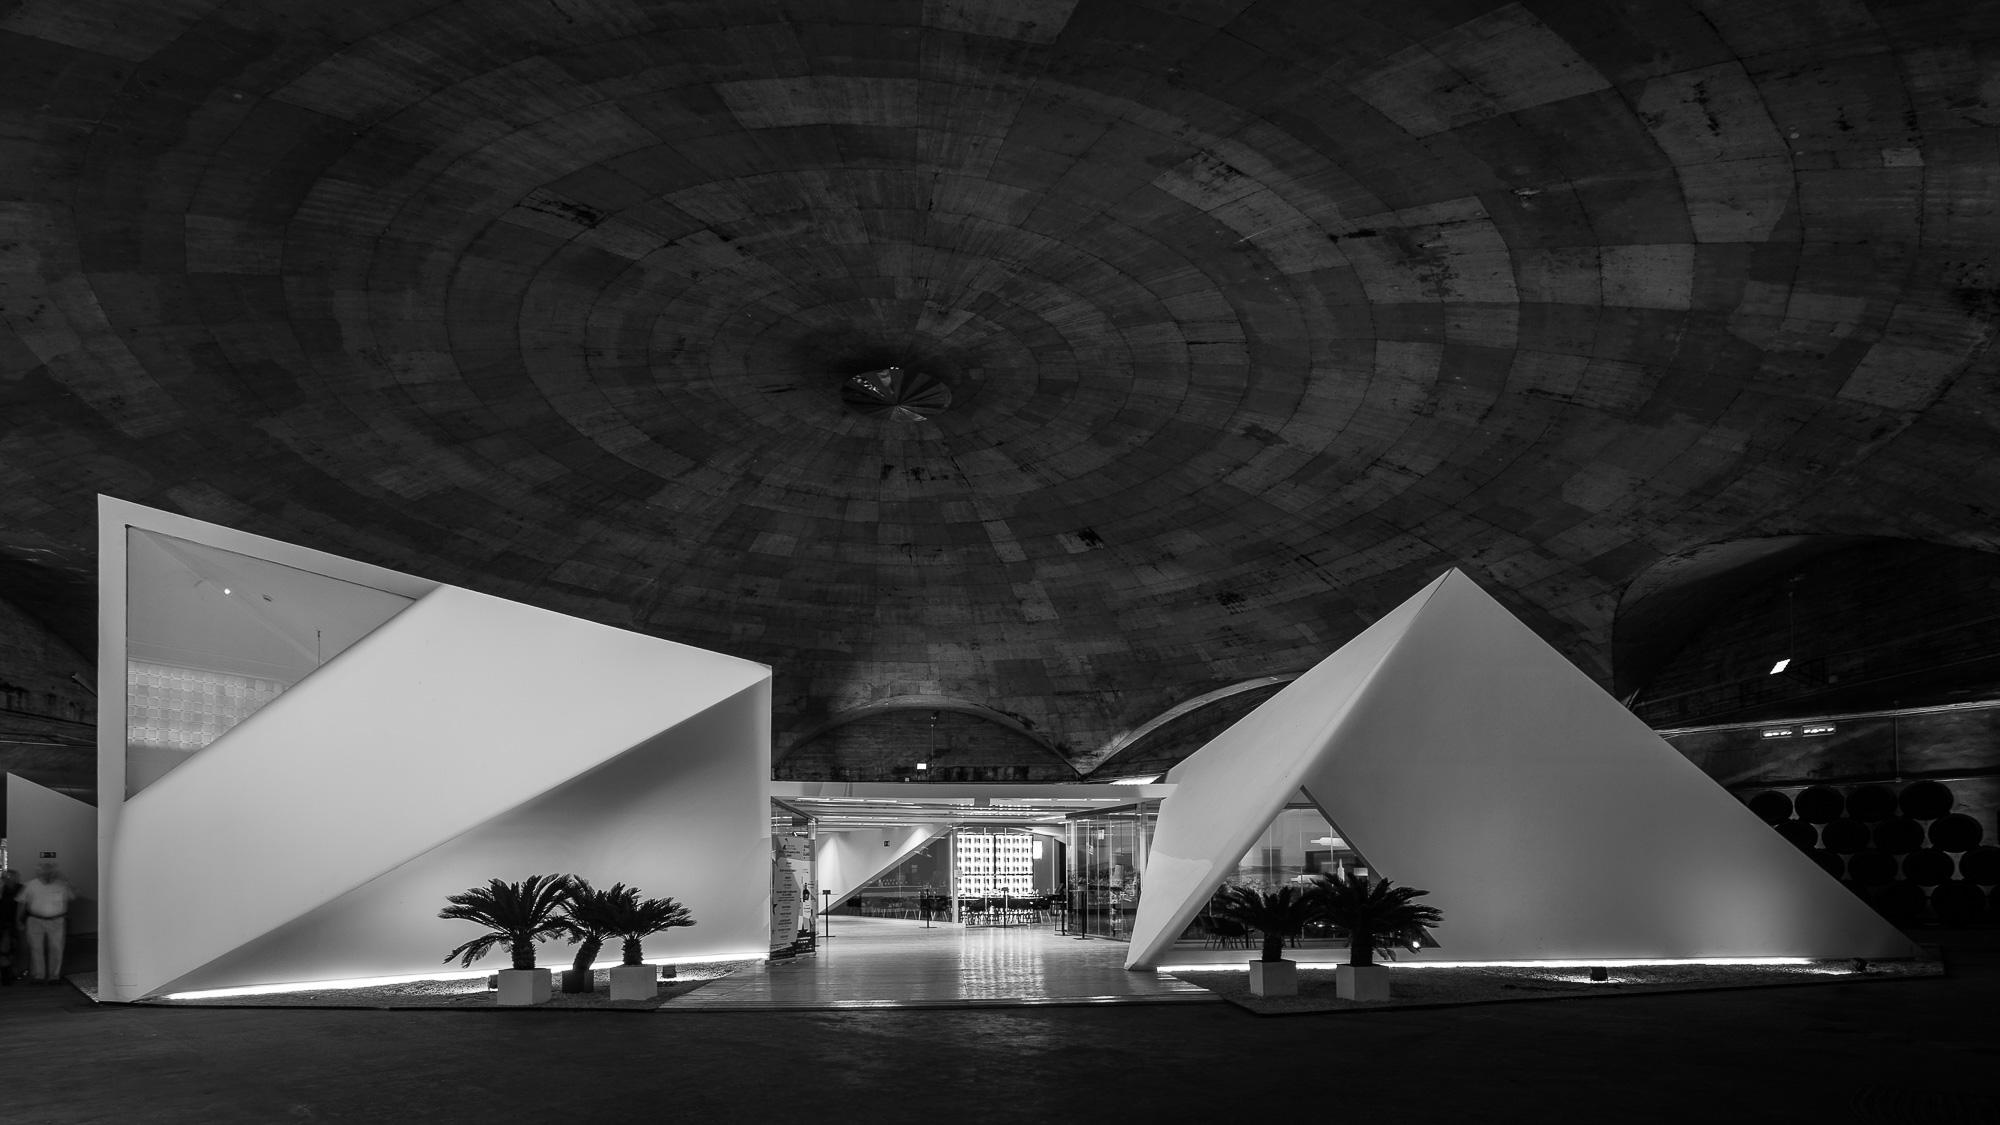 Arquitectura Gonzalez Byass - Estudio GALLARDO Fotografía